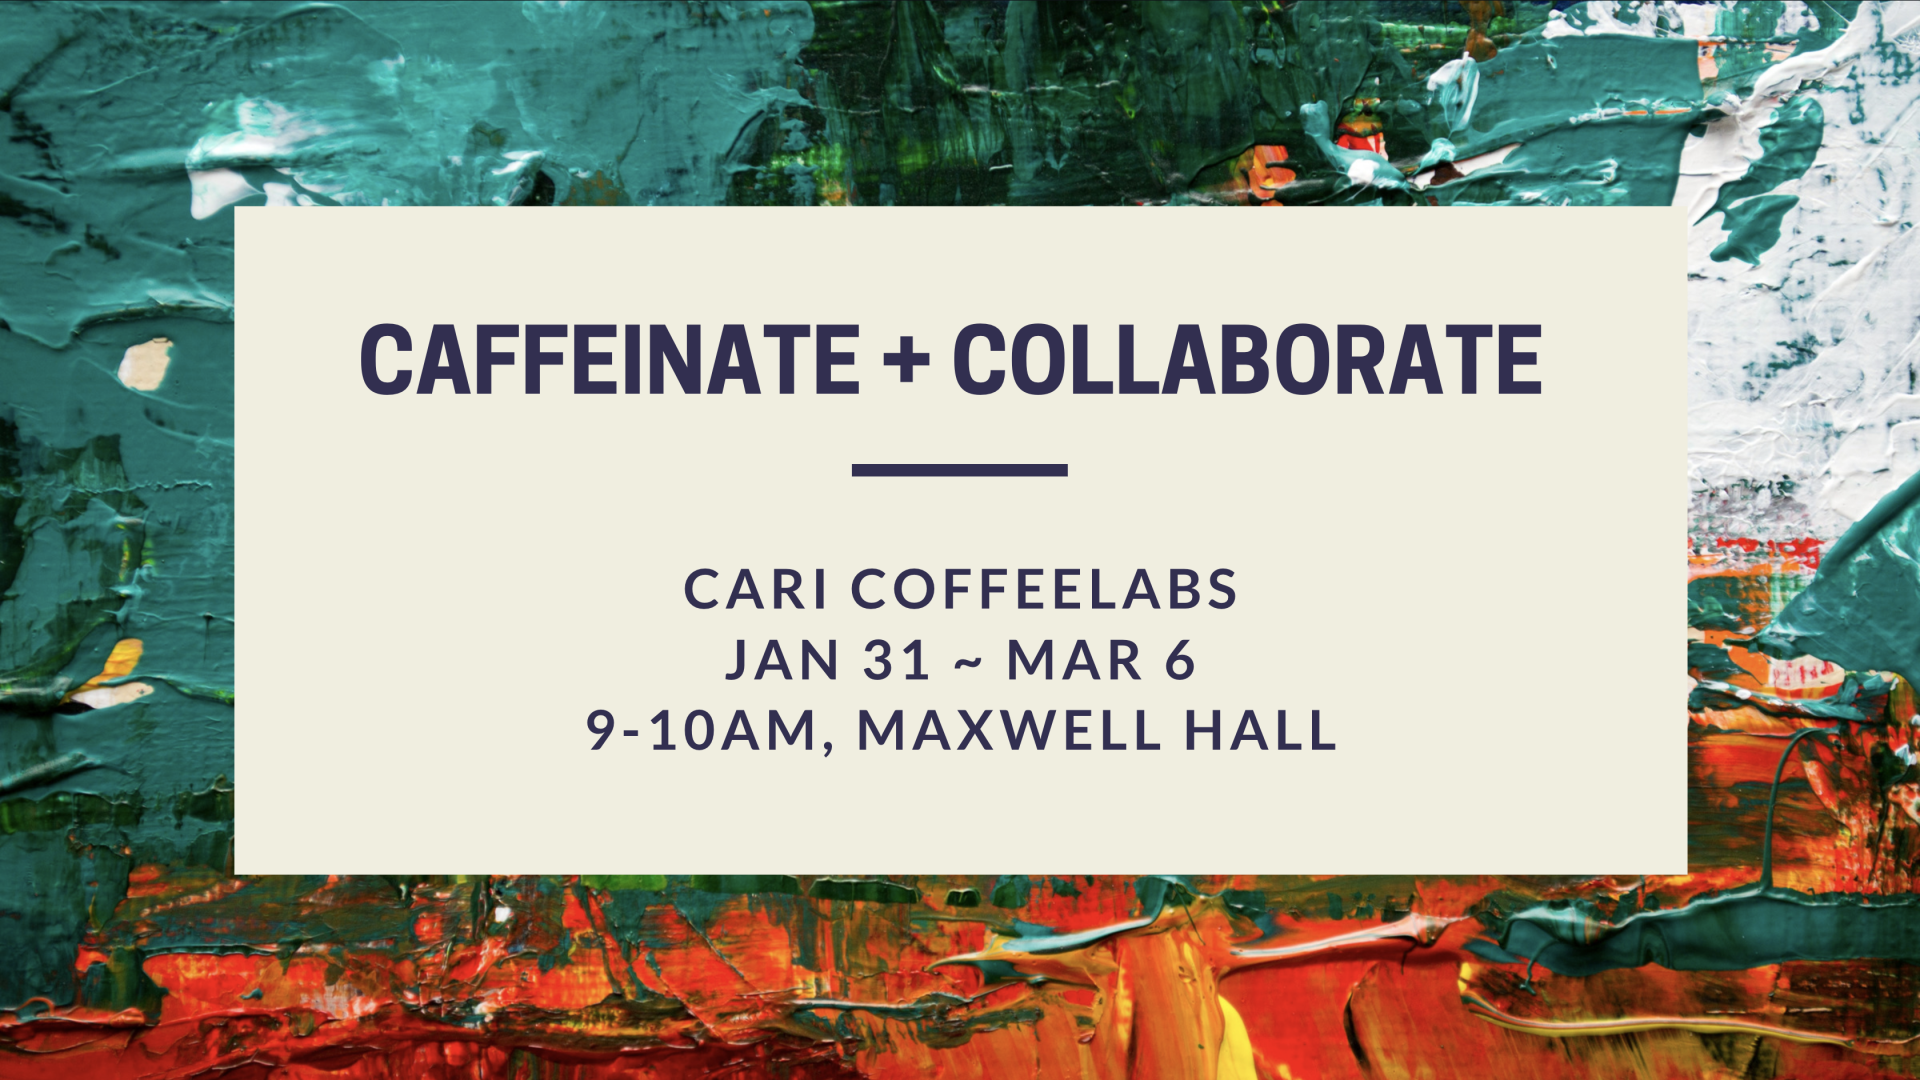 CARI CoffeeLabs